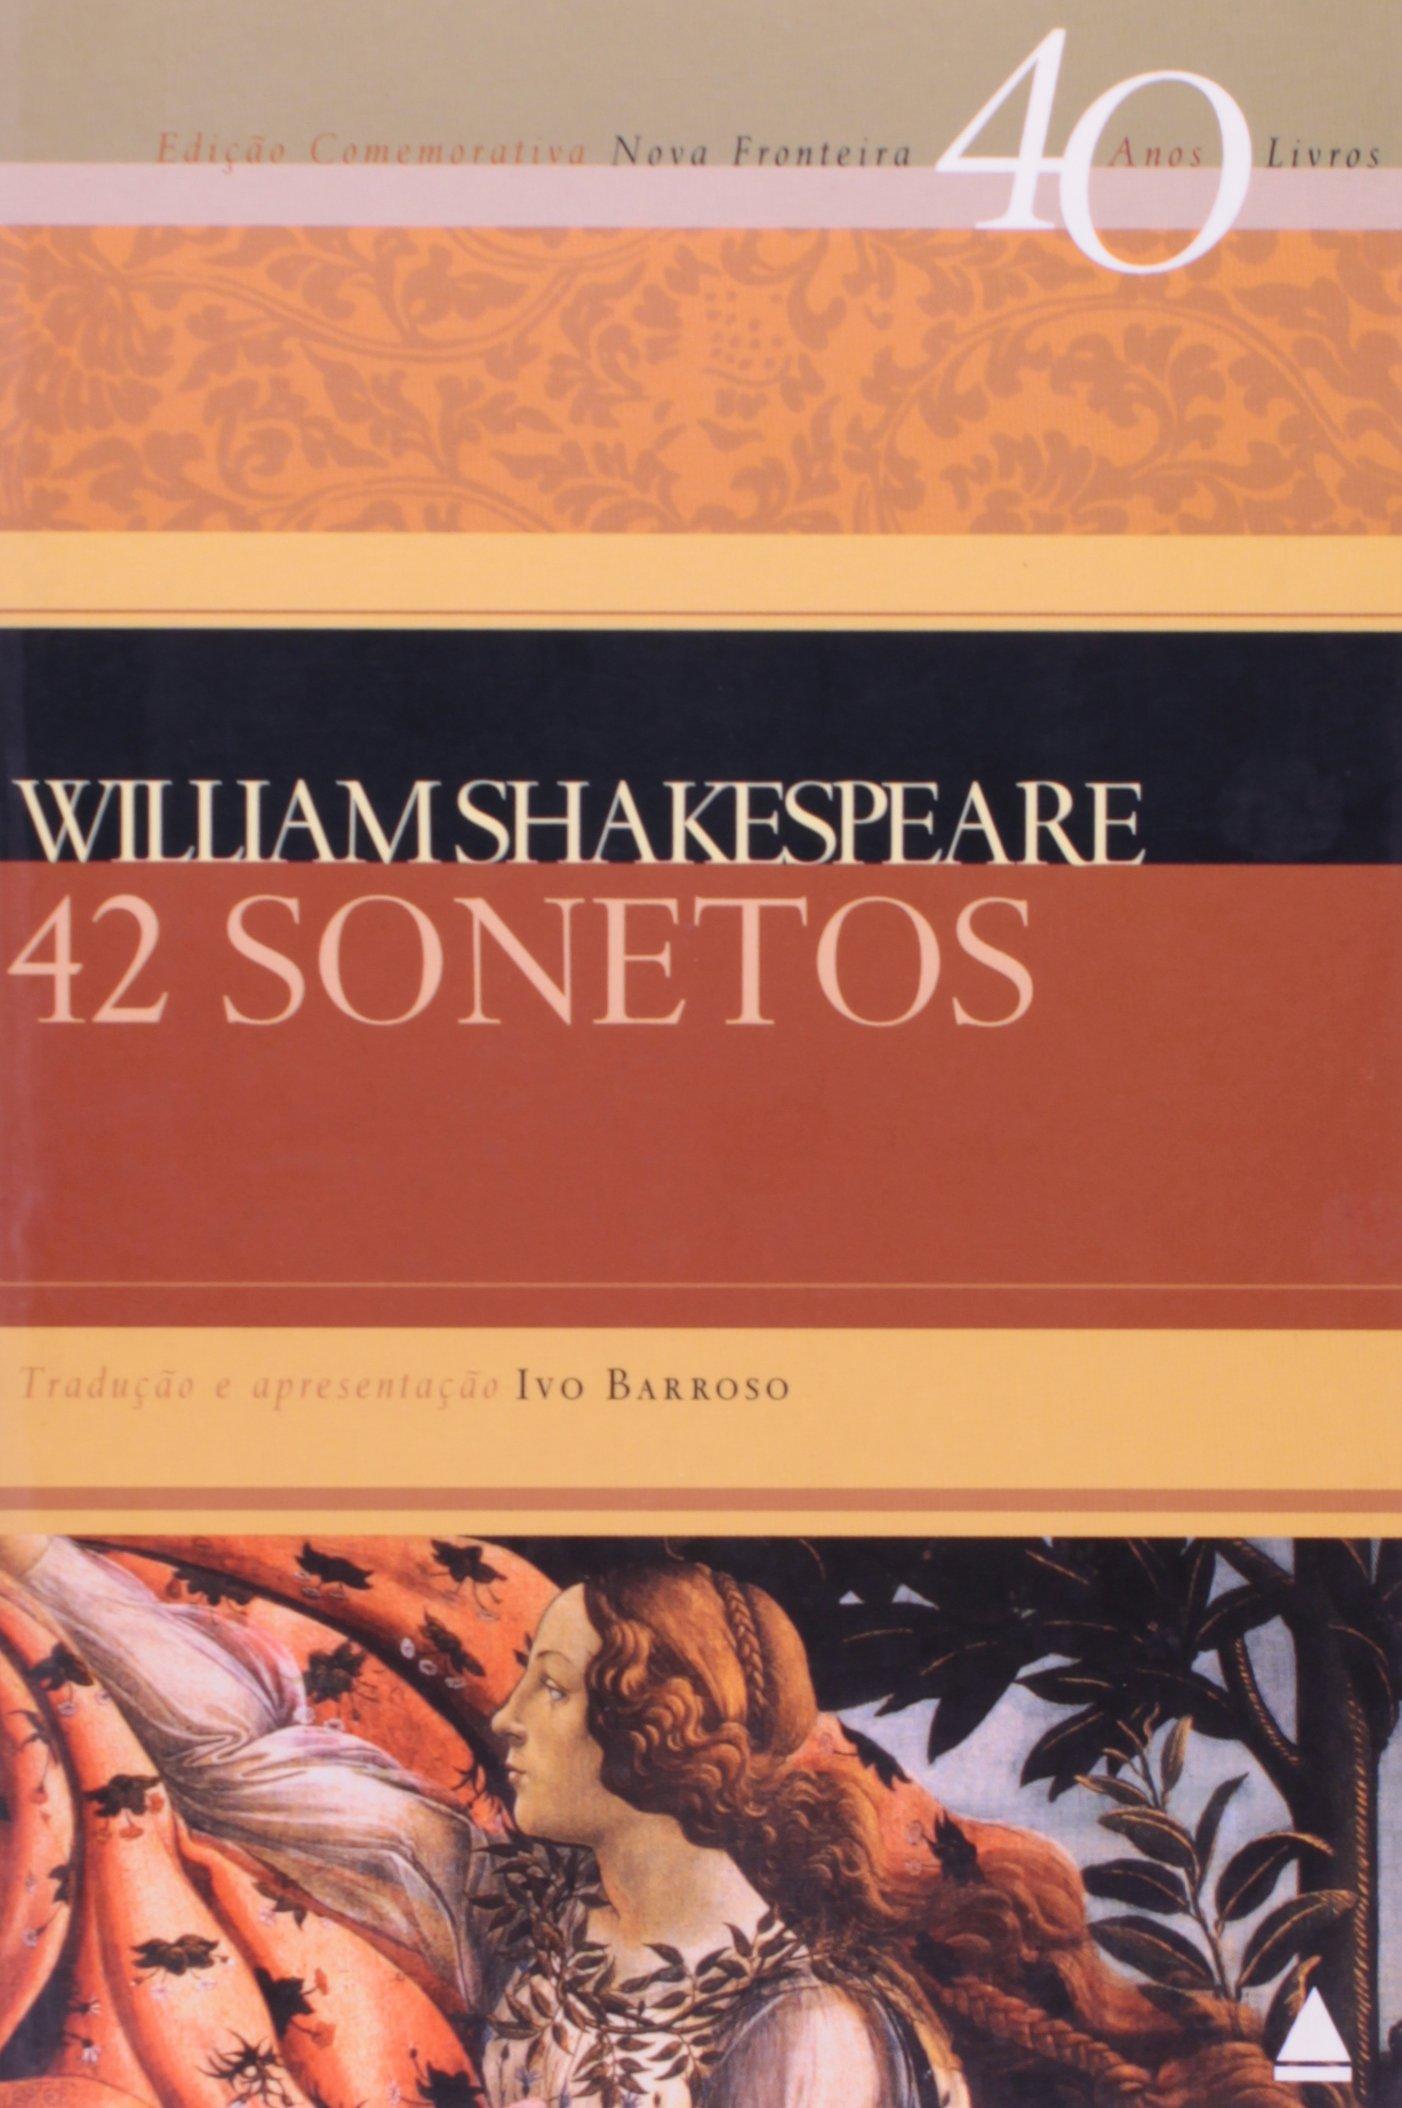 Resultado de imagem para william shakespeare 42 sonetos